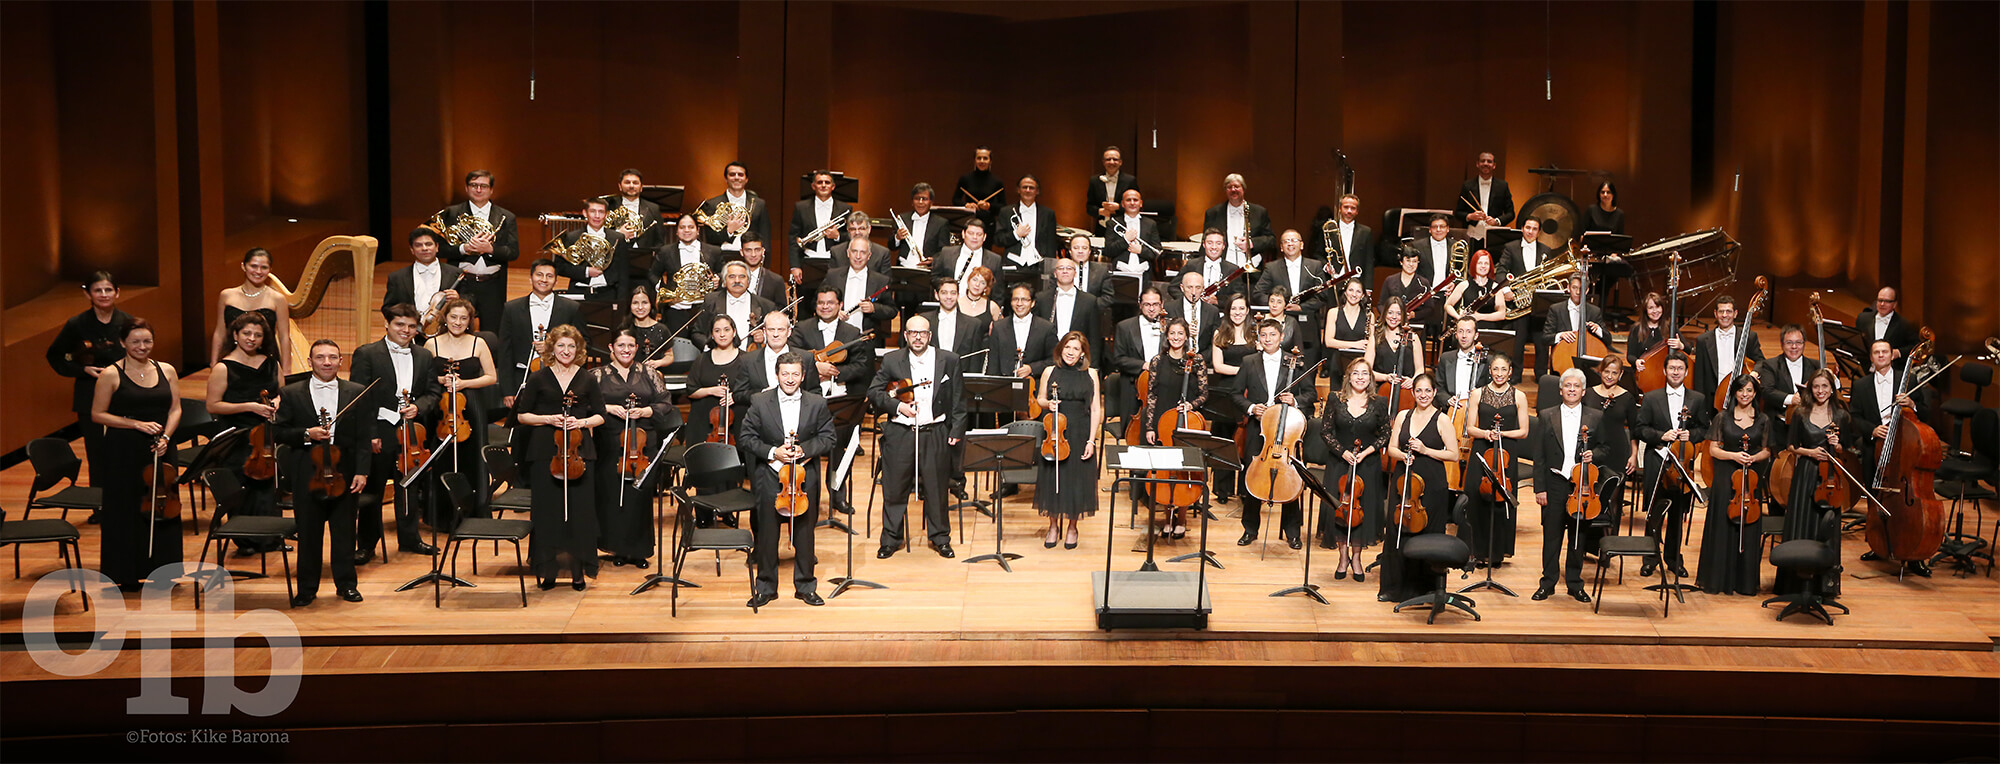 Orquesta filarmonica de bogota